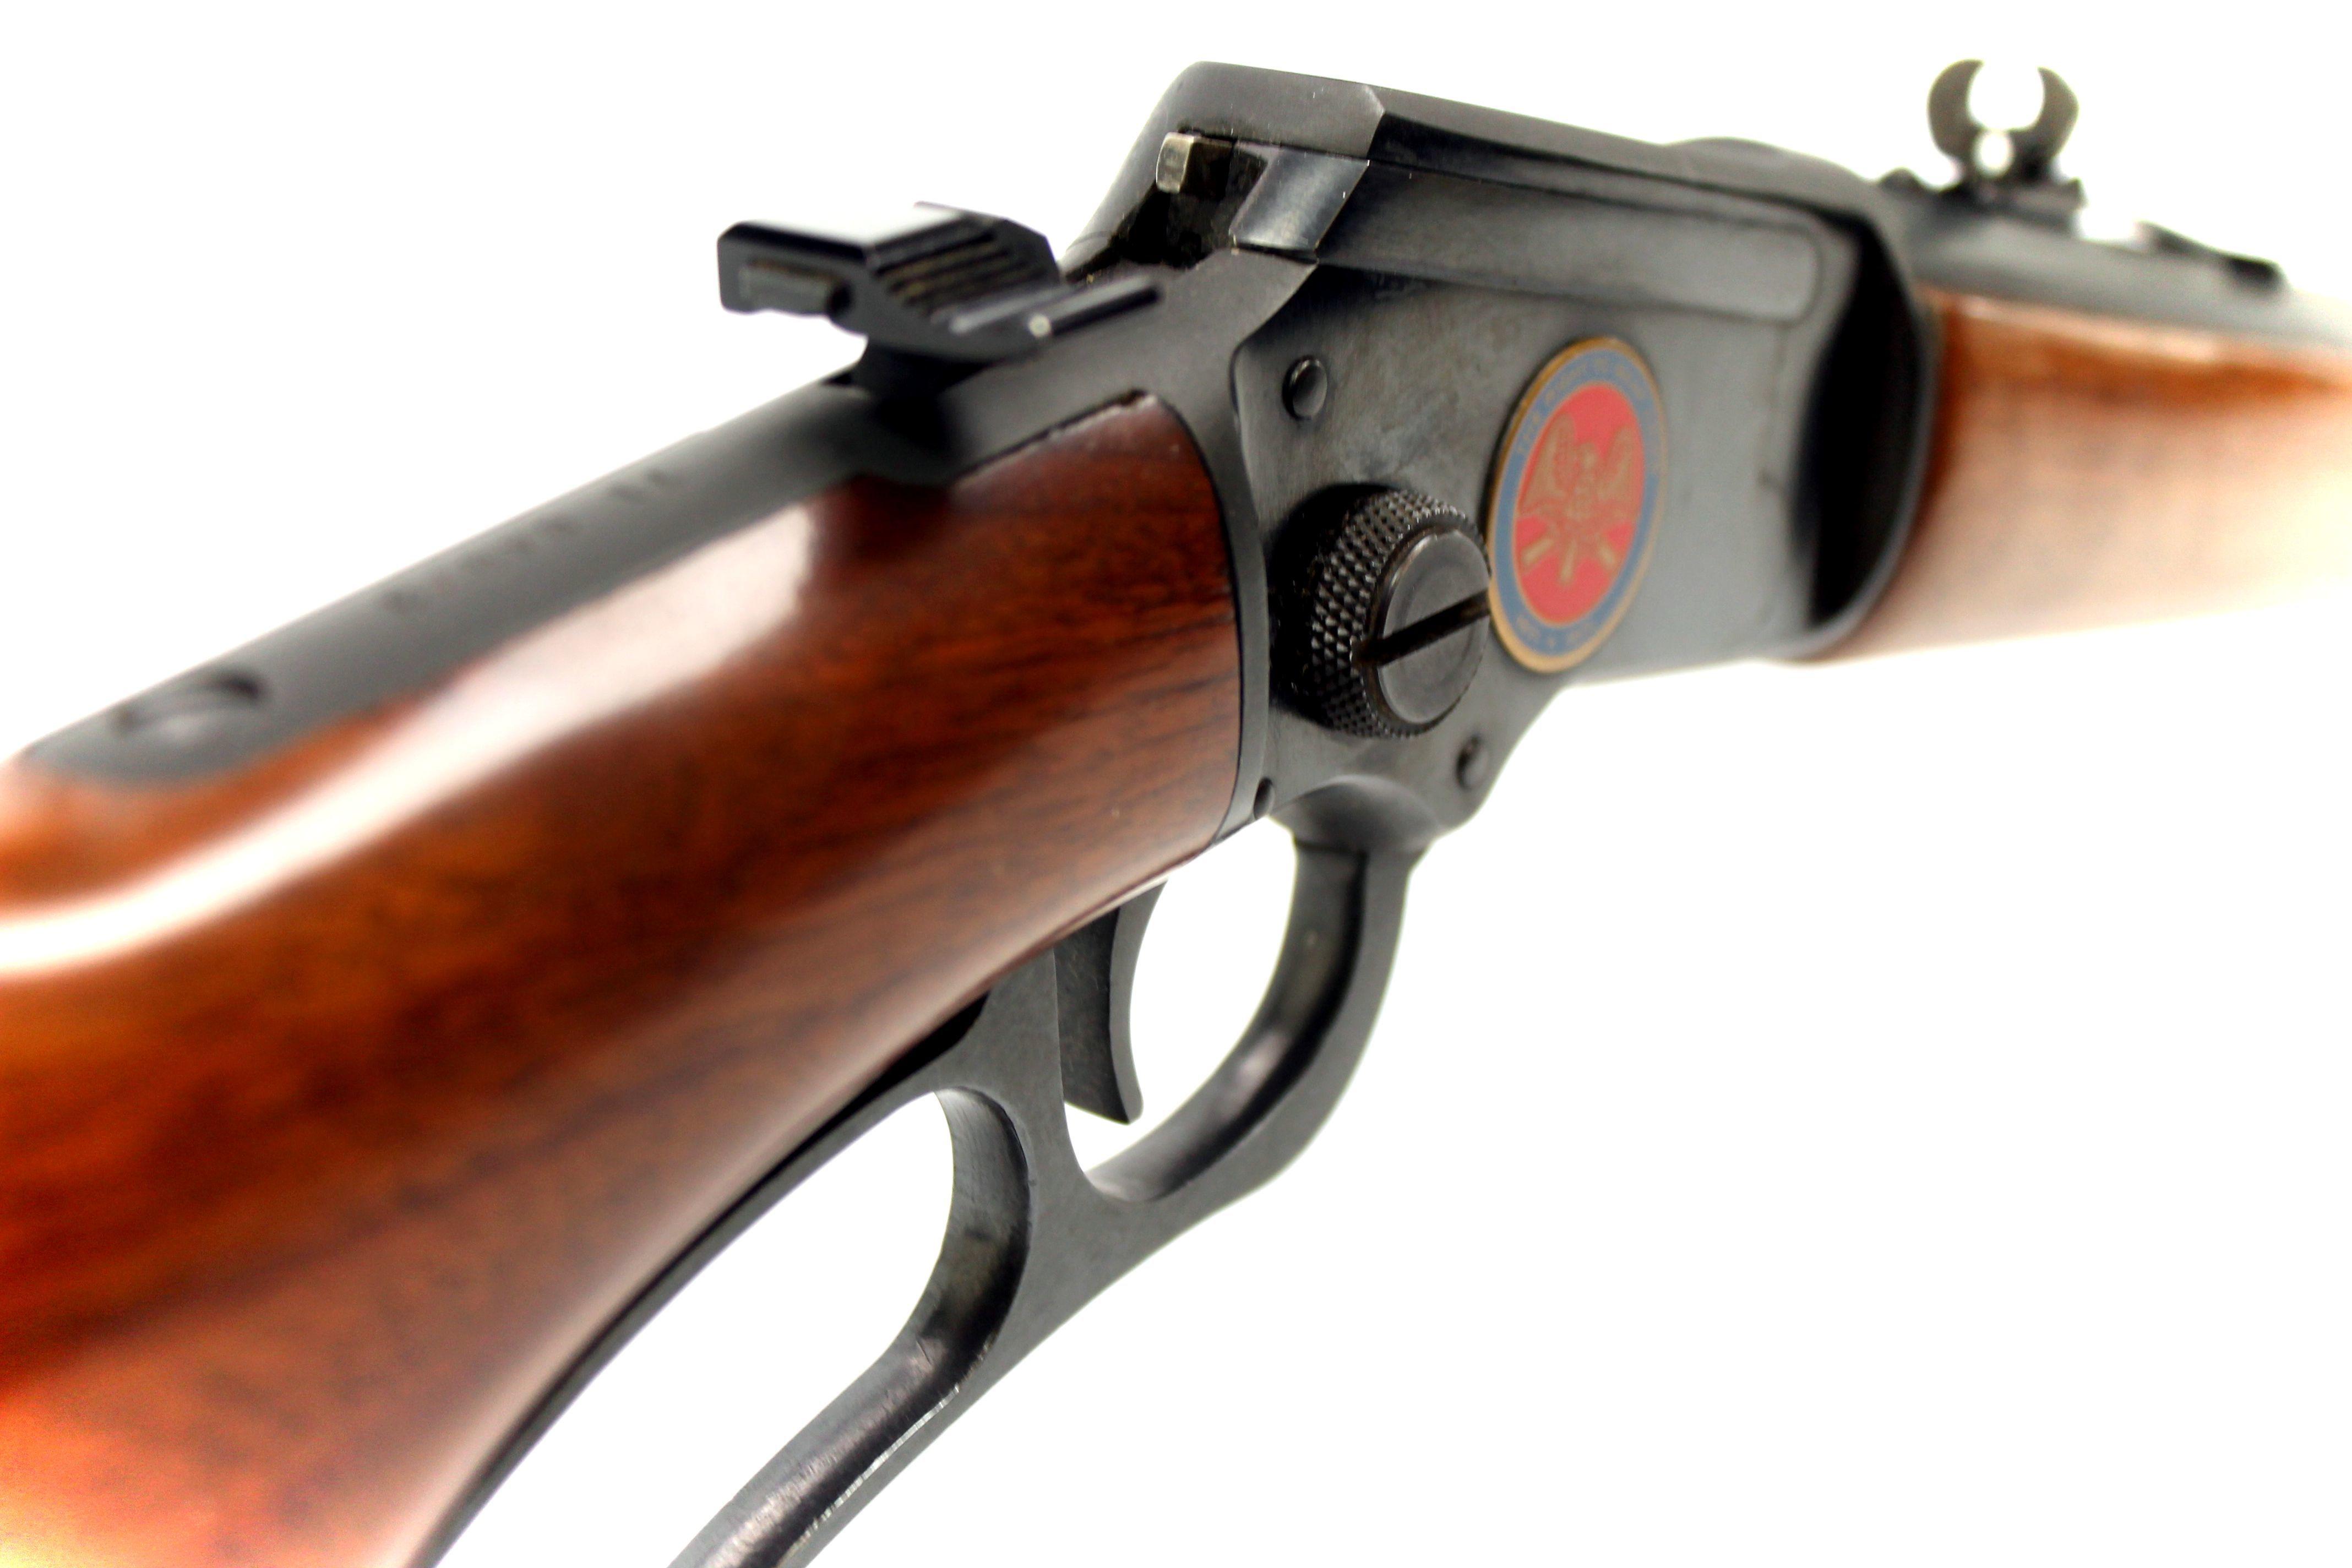 1971 Marlin 39 Article II .22 S/L/LR Rifle